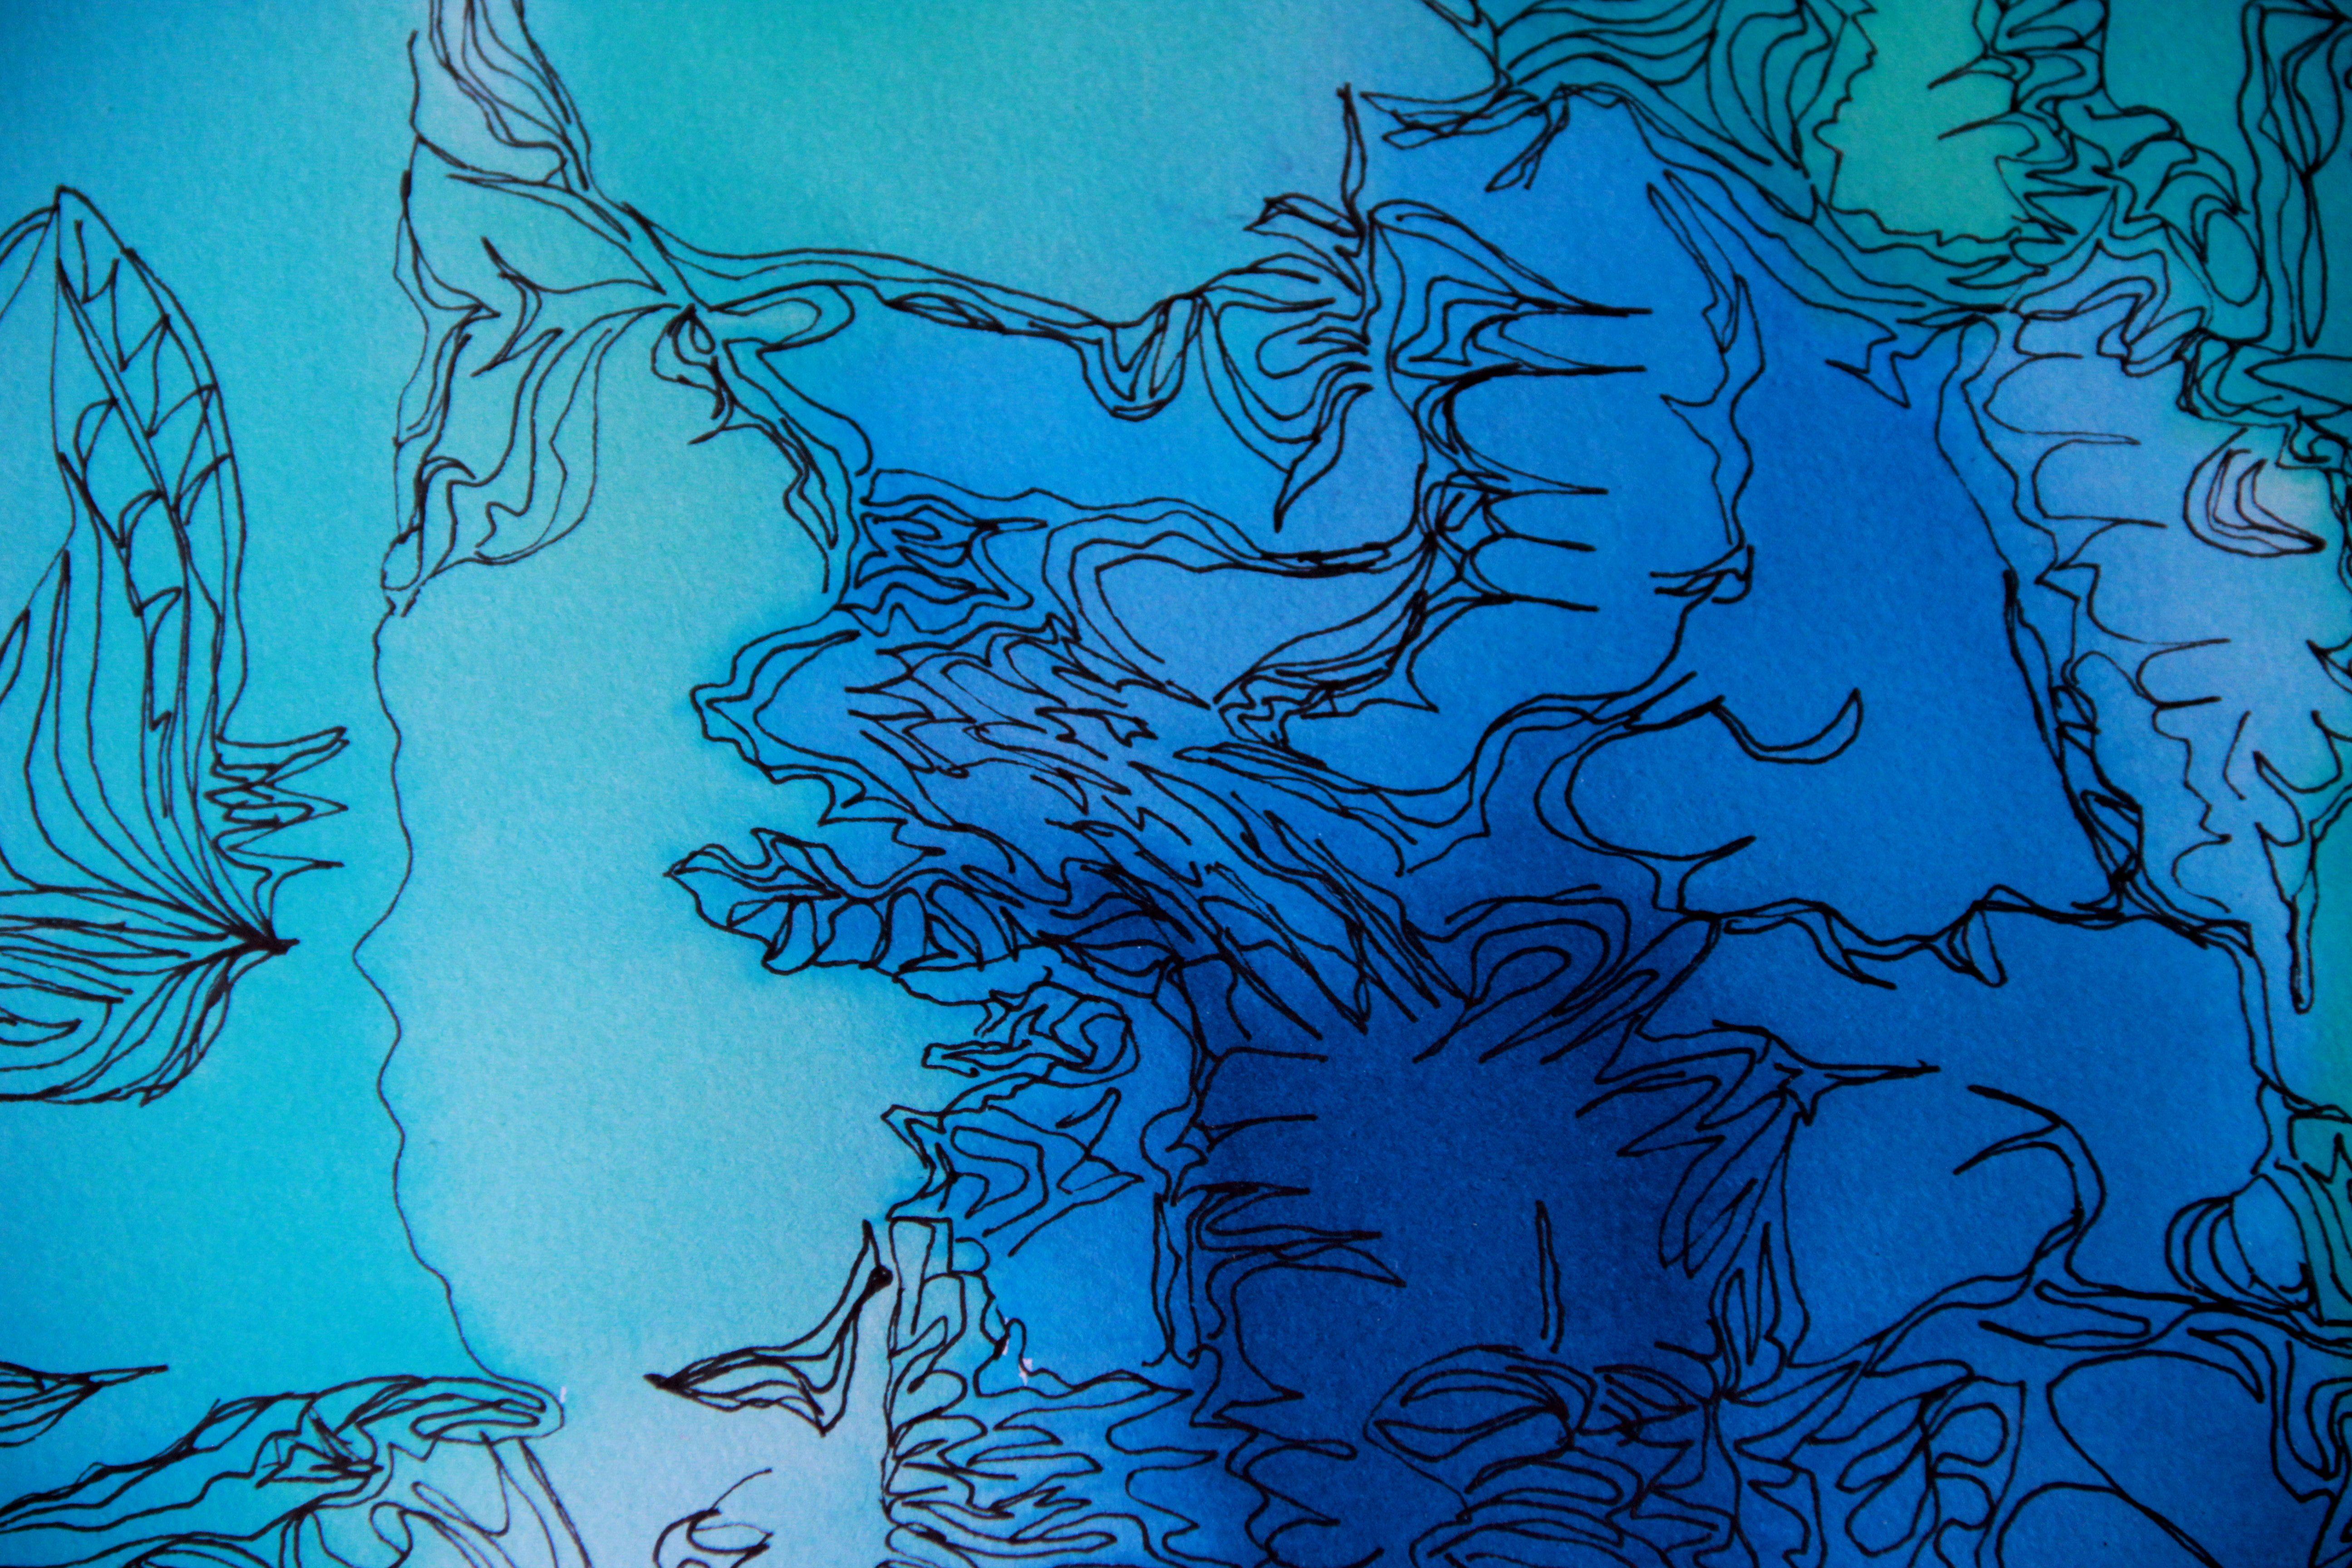 Paysages d'ailleurs détail - Peinture - Isabelle Milléquant Surr